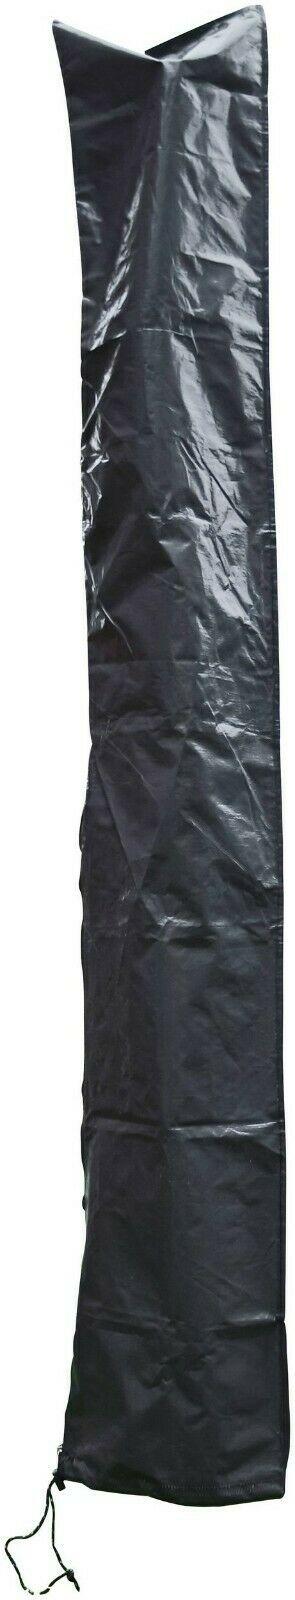 Schutzhülle für Wäschespinnen / Sonnenschirme B549098/76892036 UVP 14,99€ | Schutzhlle fr Wschespinnen Sonnenschirme B549098 UVP 1499 233318734544 2